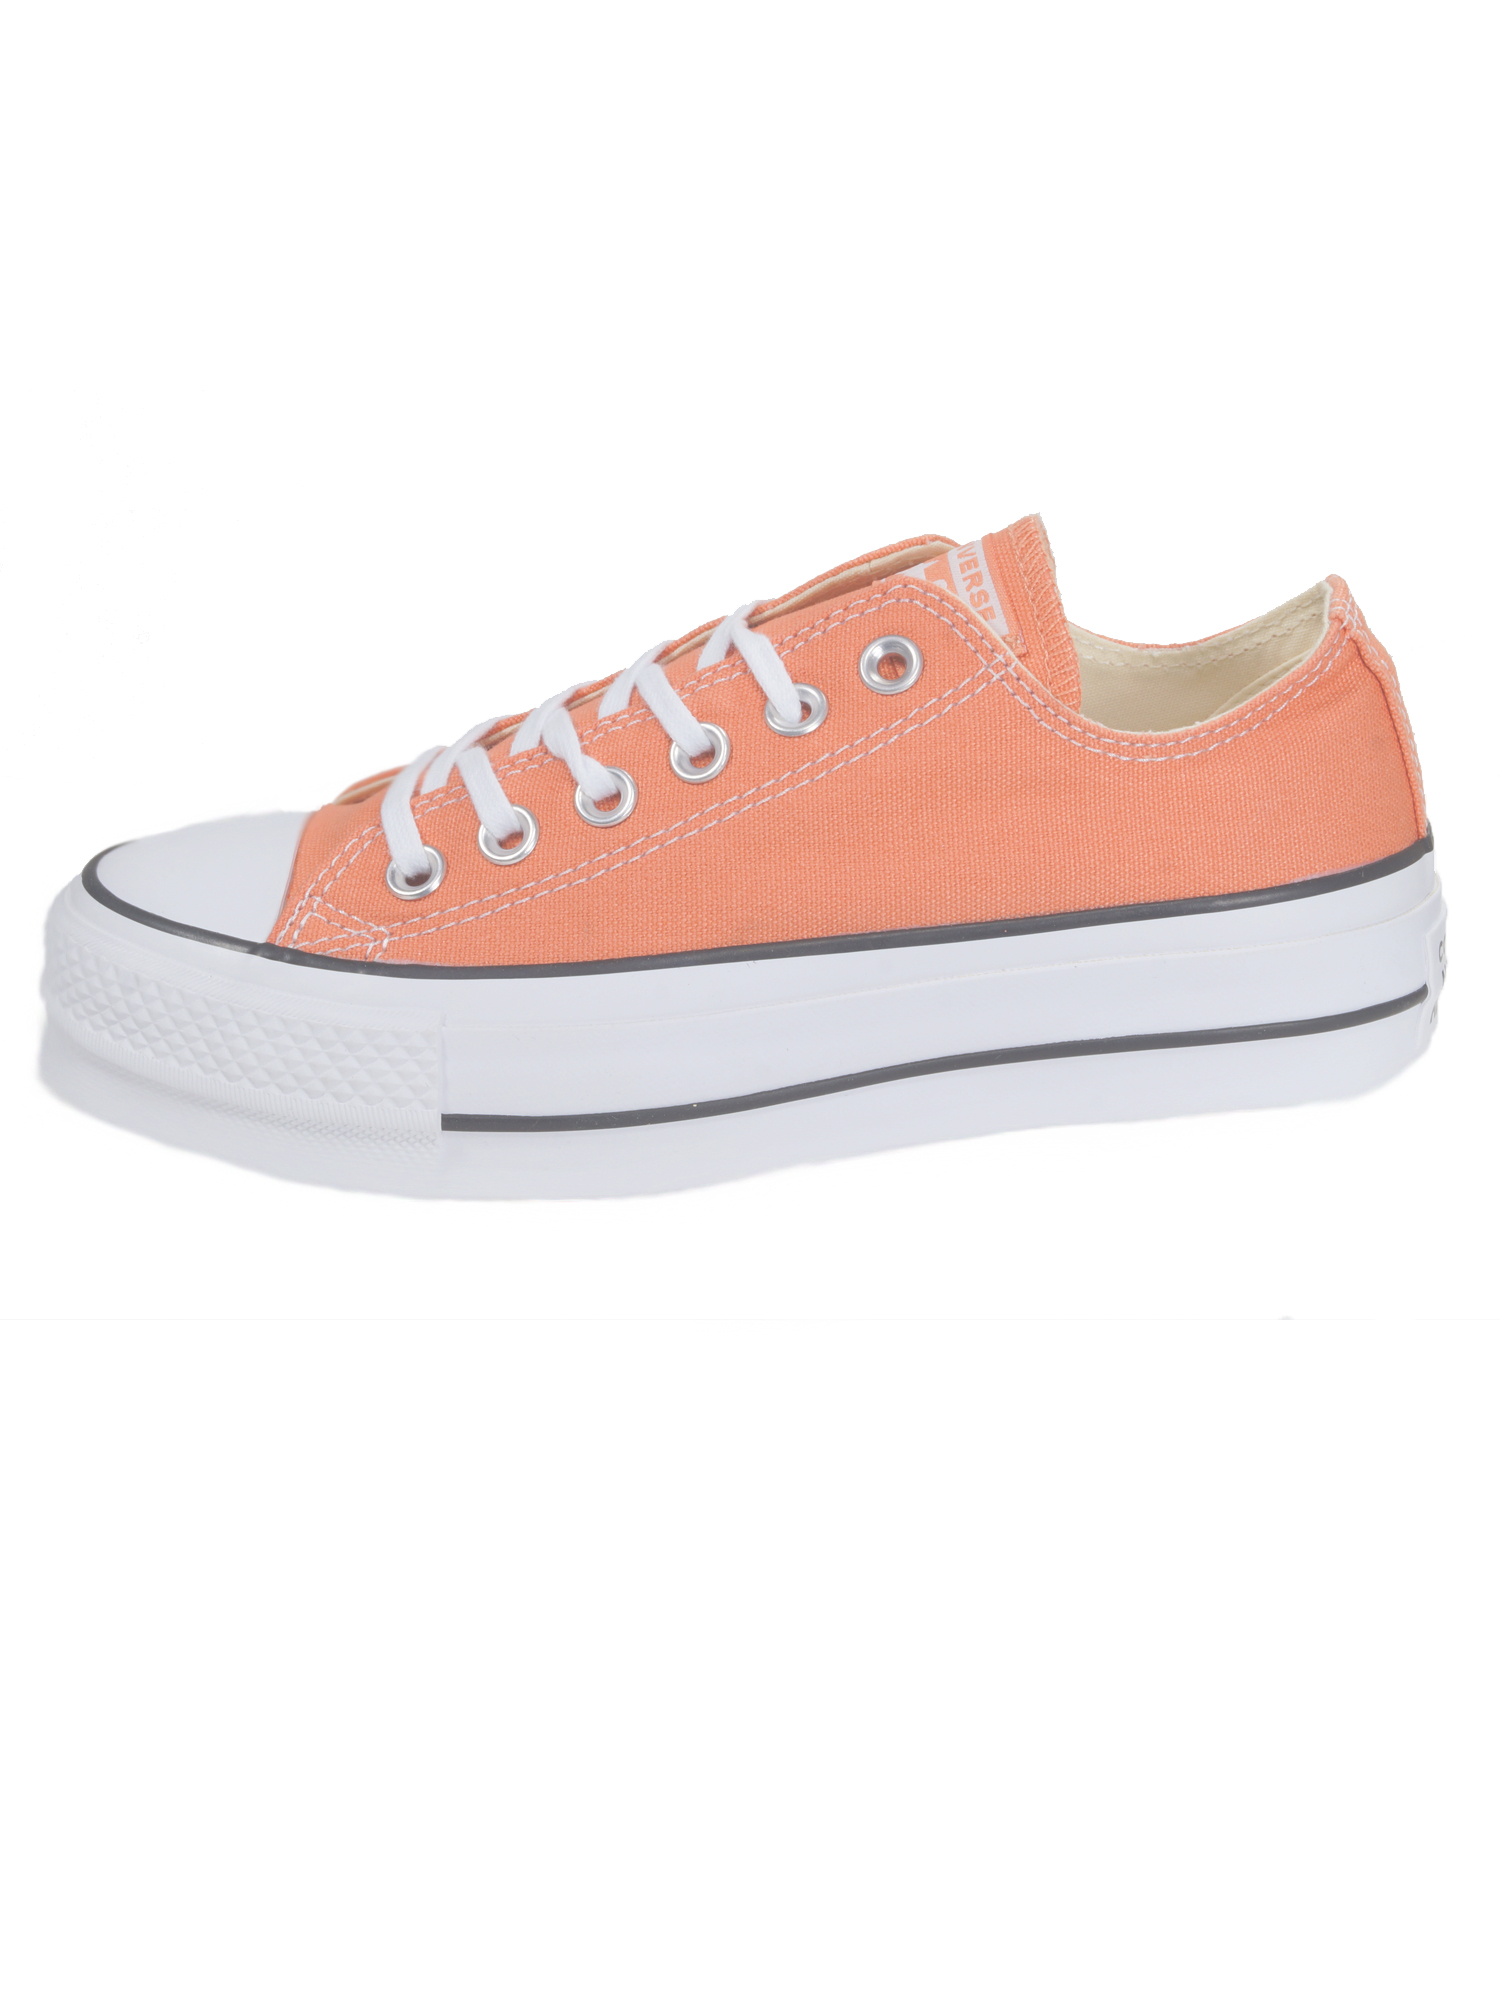 Converse Damen Schuhe CT All Star Lift Ox Orange Leinen Sneakers 39, 5